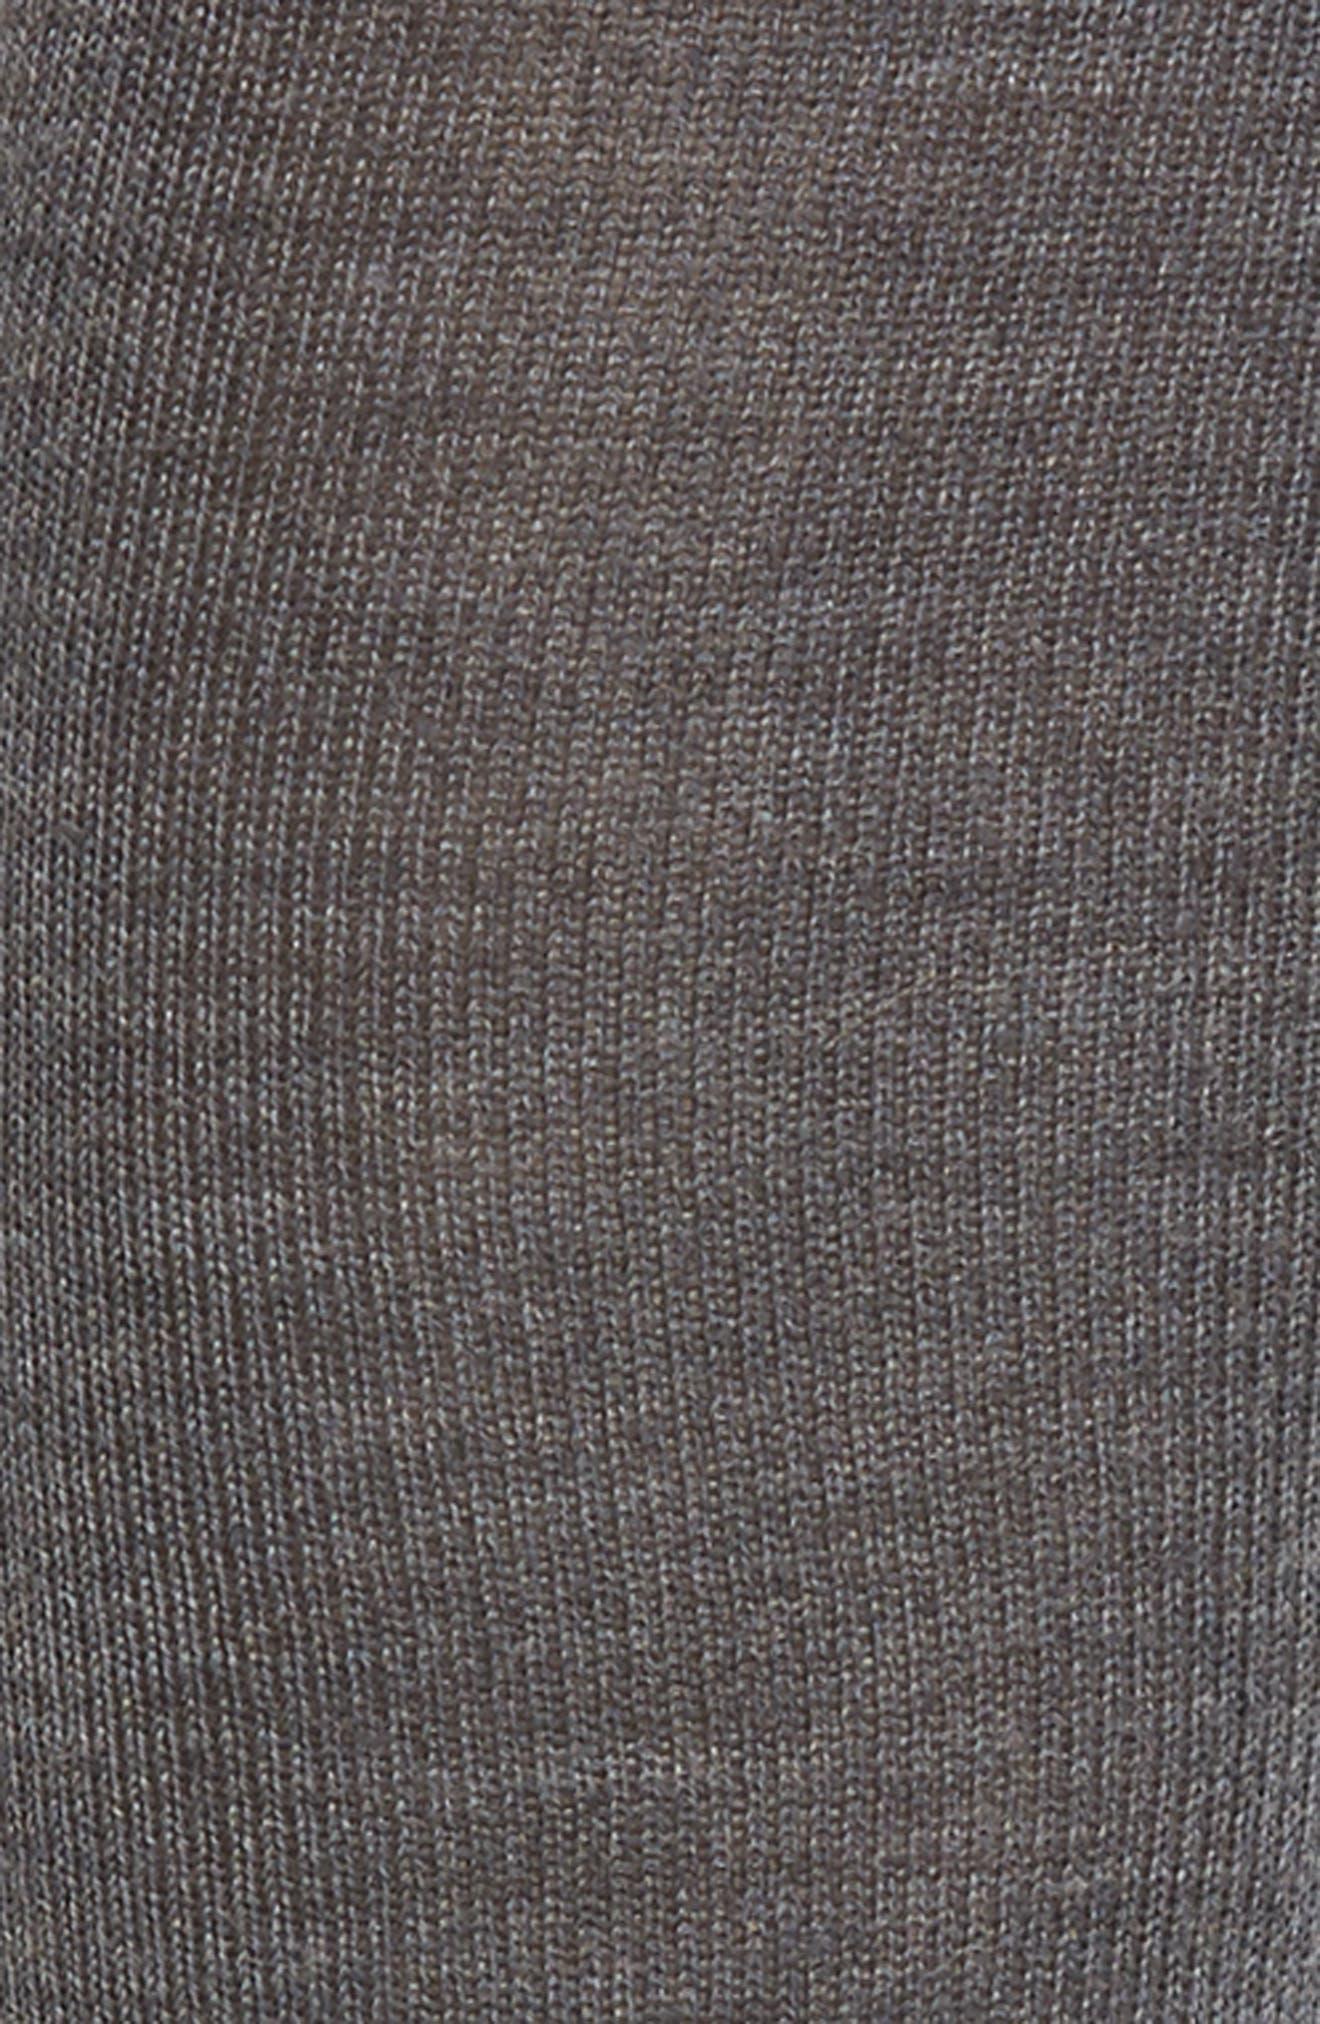 Merino Wool Blend Knee Socks,                             Alternate thumbnail 2, color,                             098